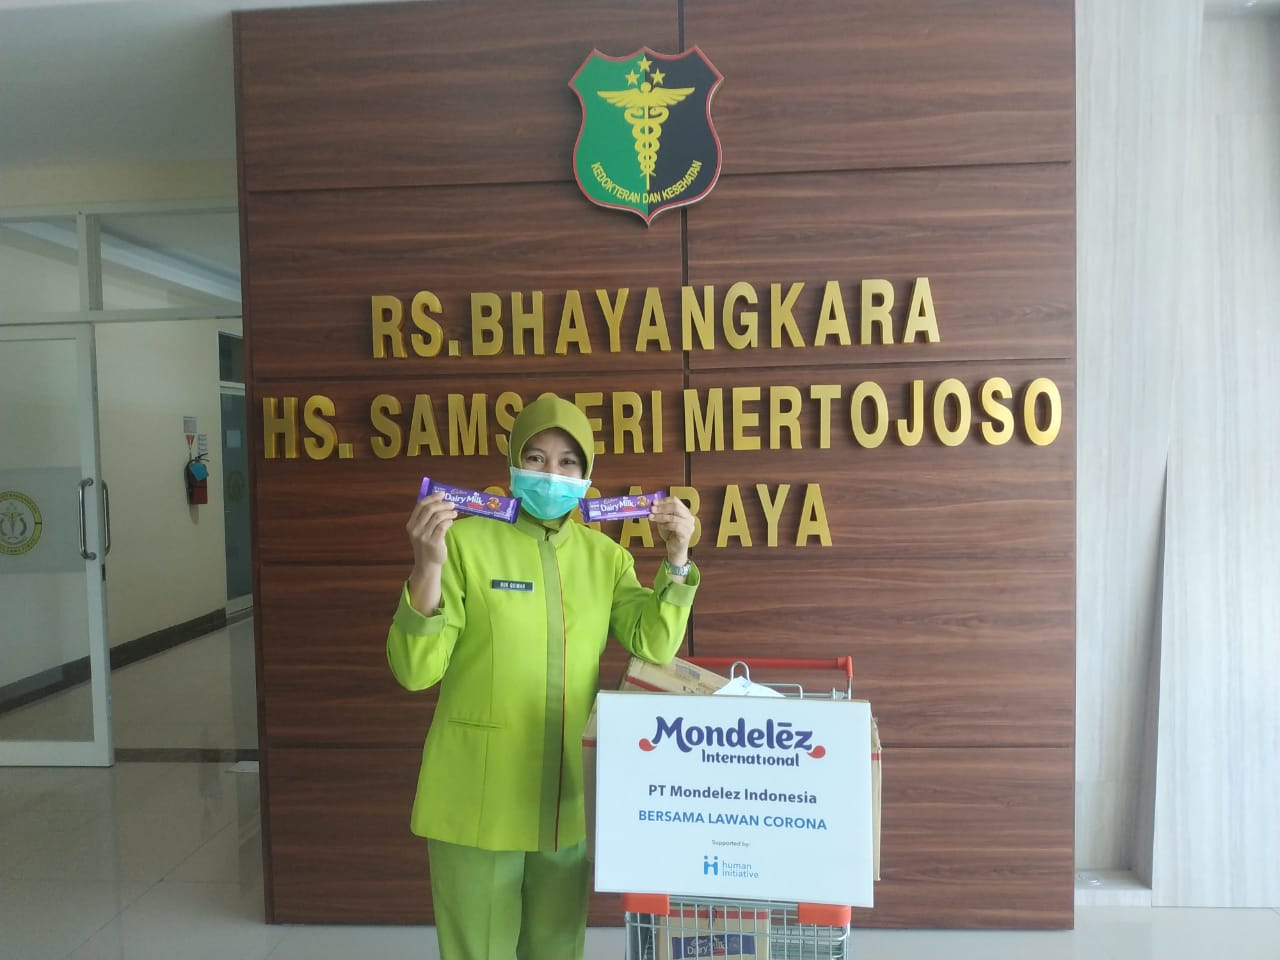 Dok.Mondelez Indonesia